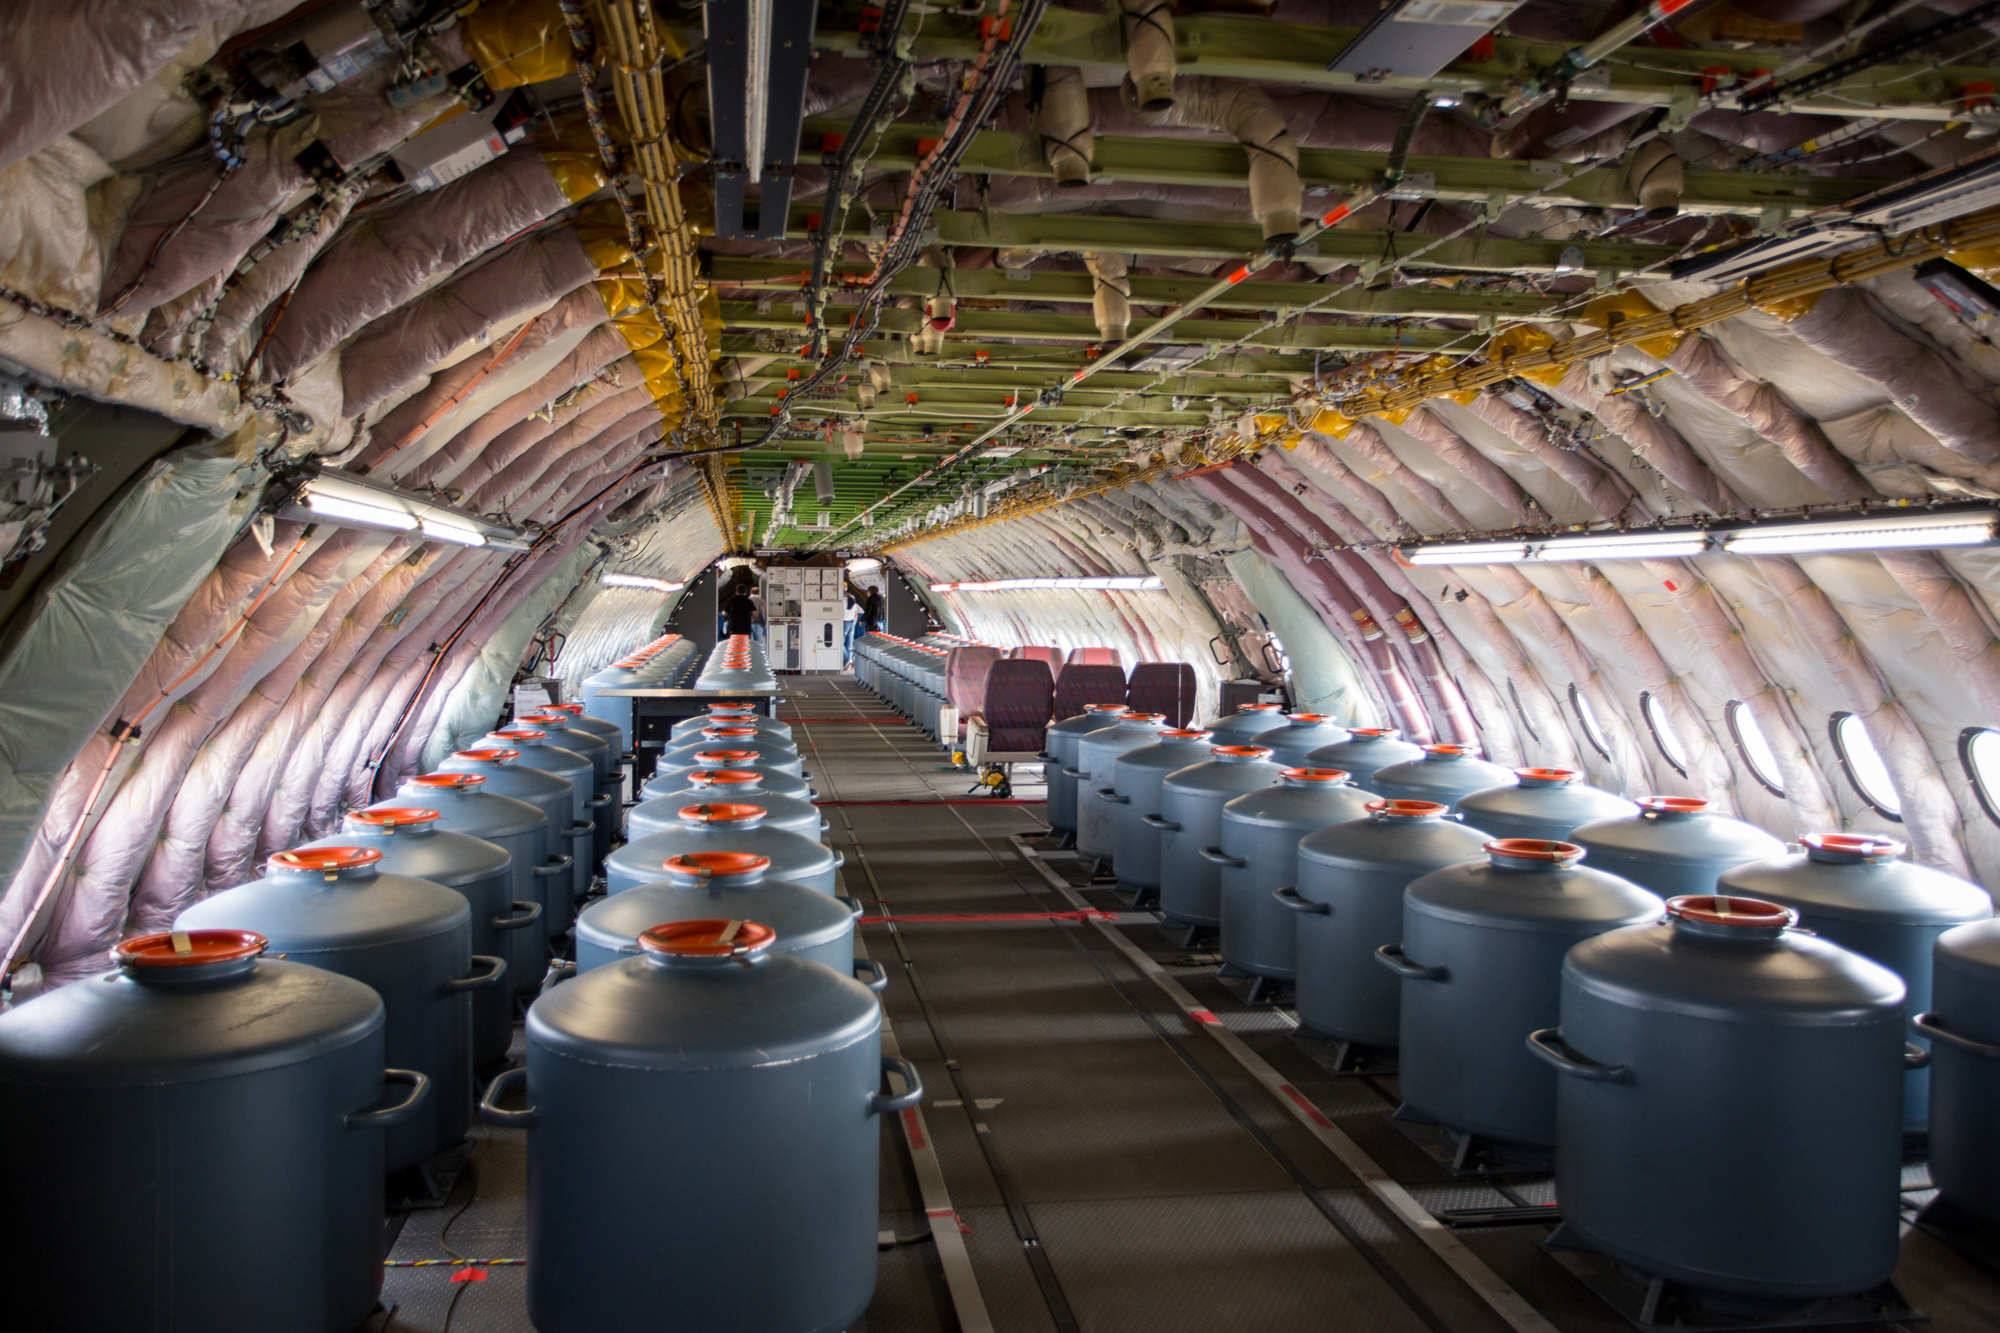 Intérieur de l'avion d'essai Airbus A350 avec des bidons pour les tests de centrage